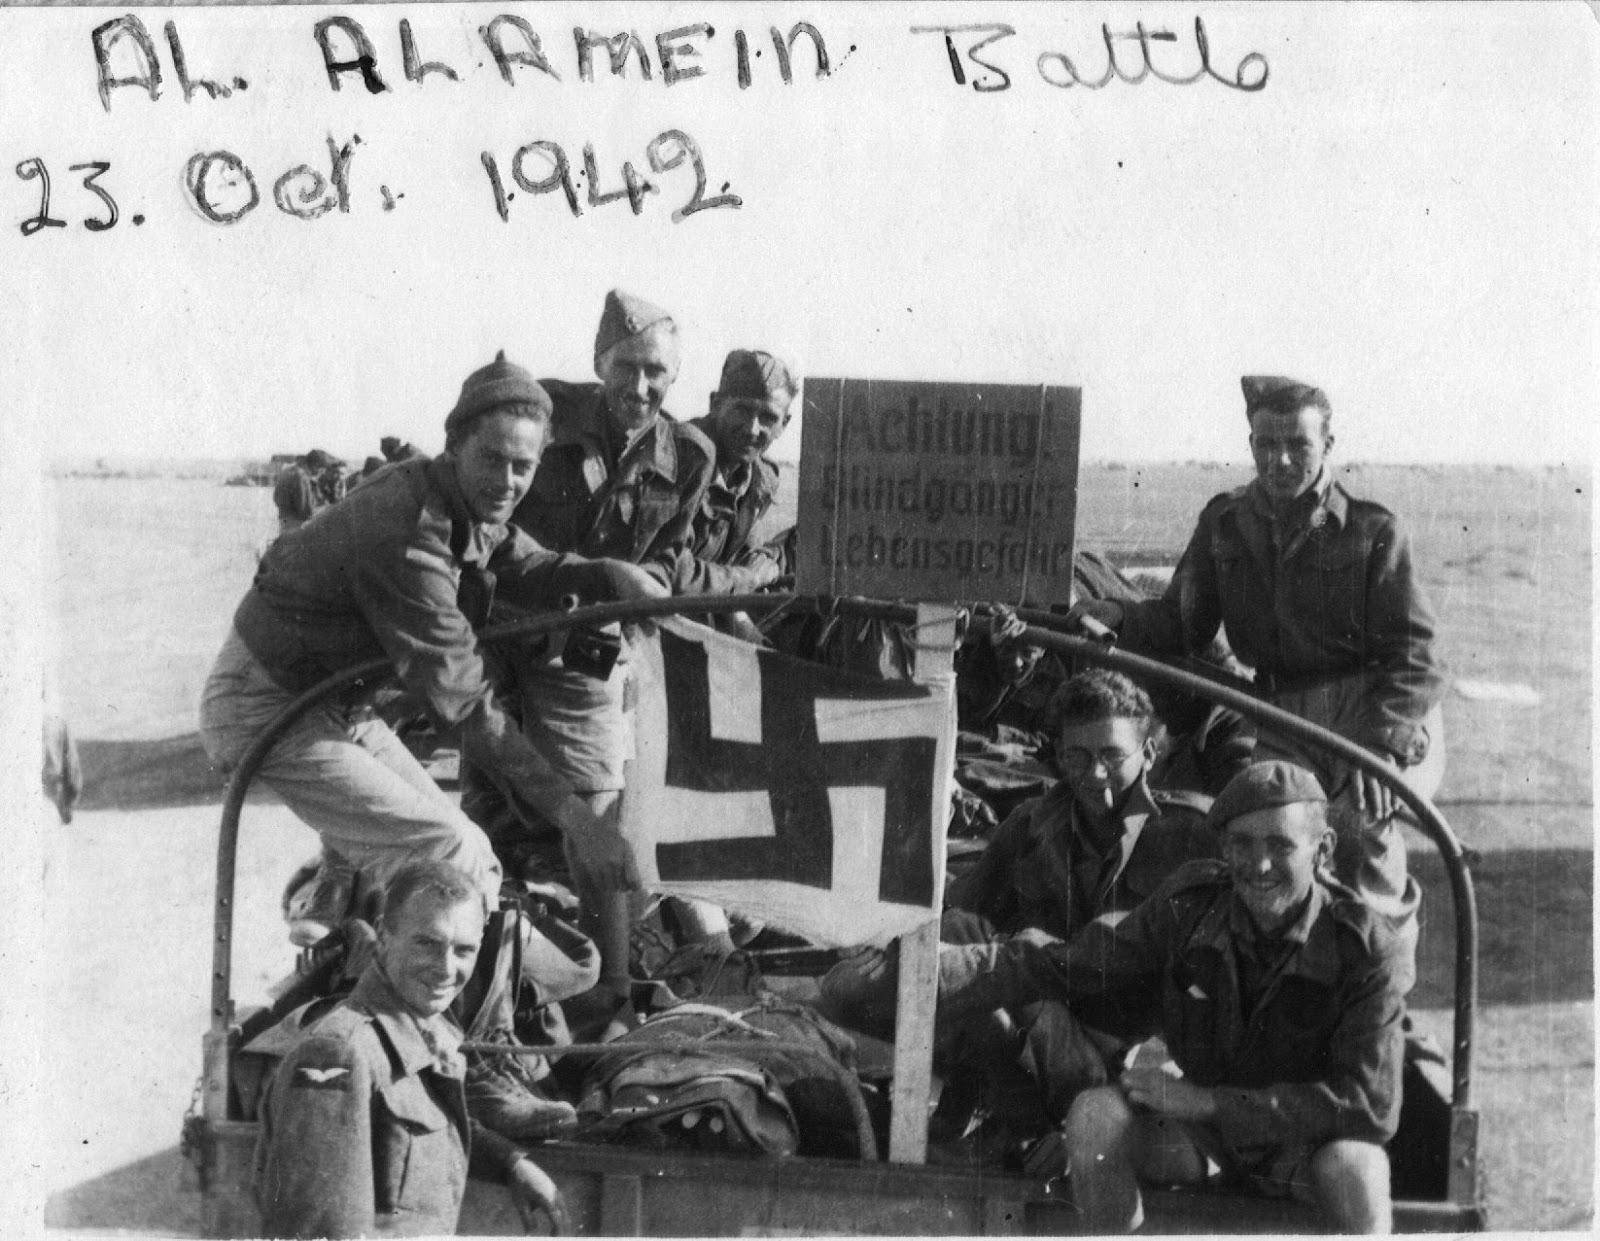 asxvids: El Alamein - Línea de Fuego